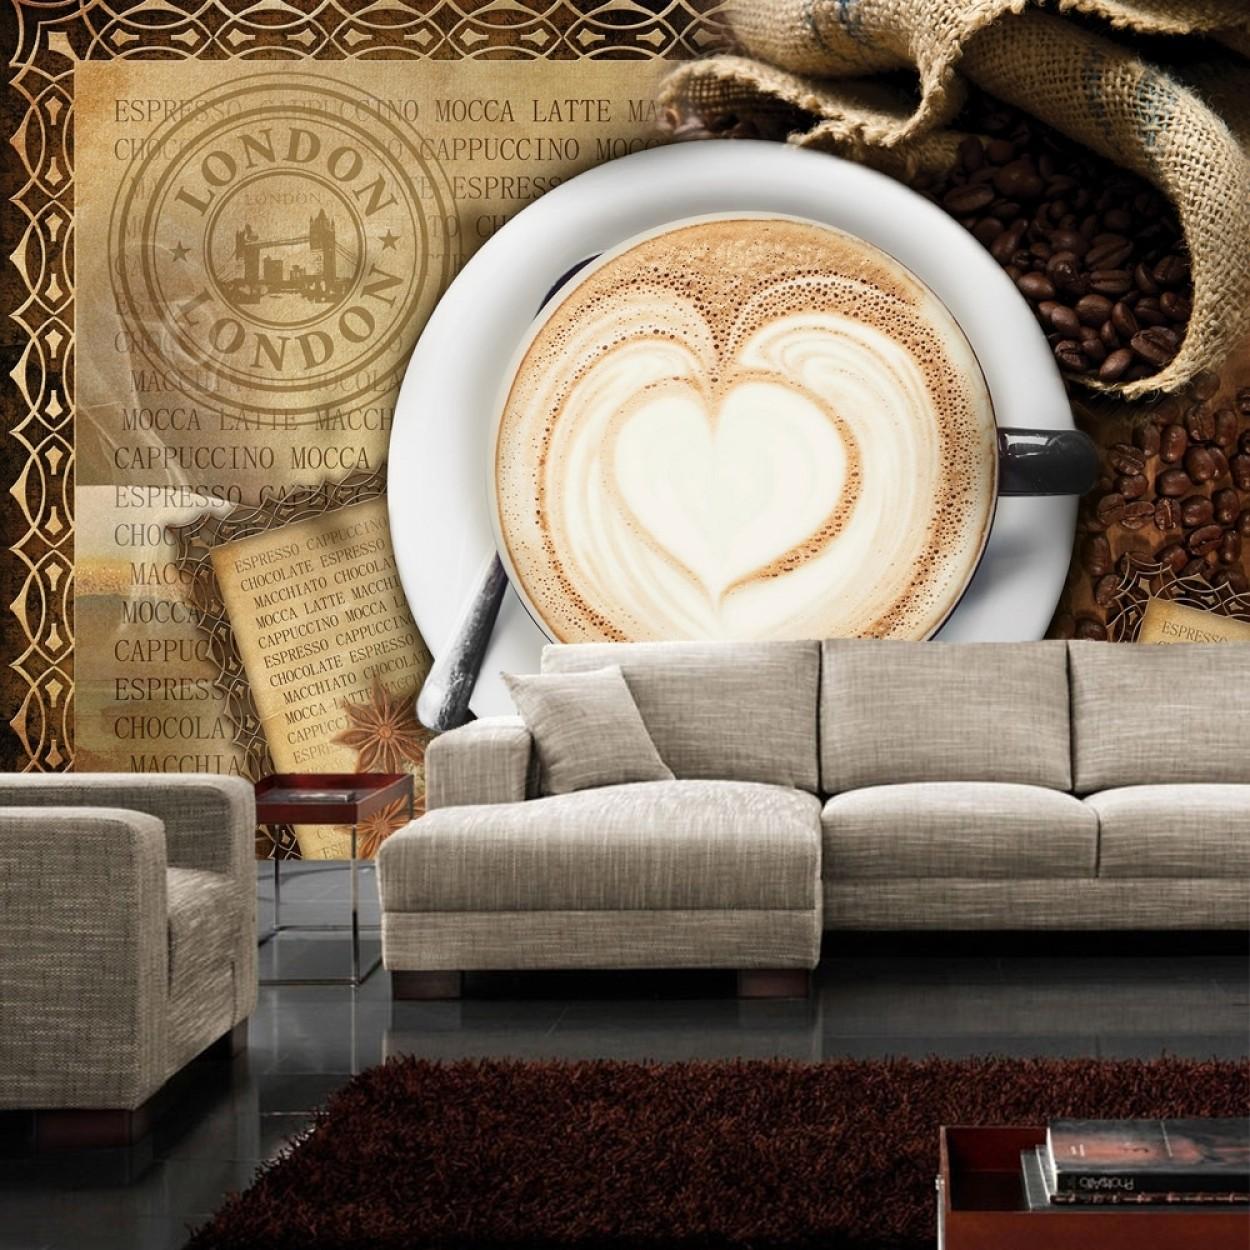 Full Size of Fototapete No 2150 Vliestapete Kaffee Tapete Cappuccino Pentryküche Fliesen Für Küche Ebay Auf Raten Einhebelmischer Hängeschrank Höhe Erweitern Hochglanz Wohnzimmer Tapete Küche Kaffee